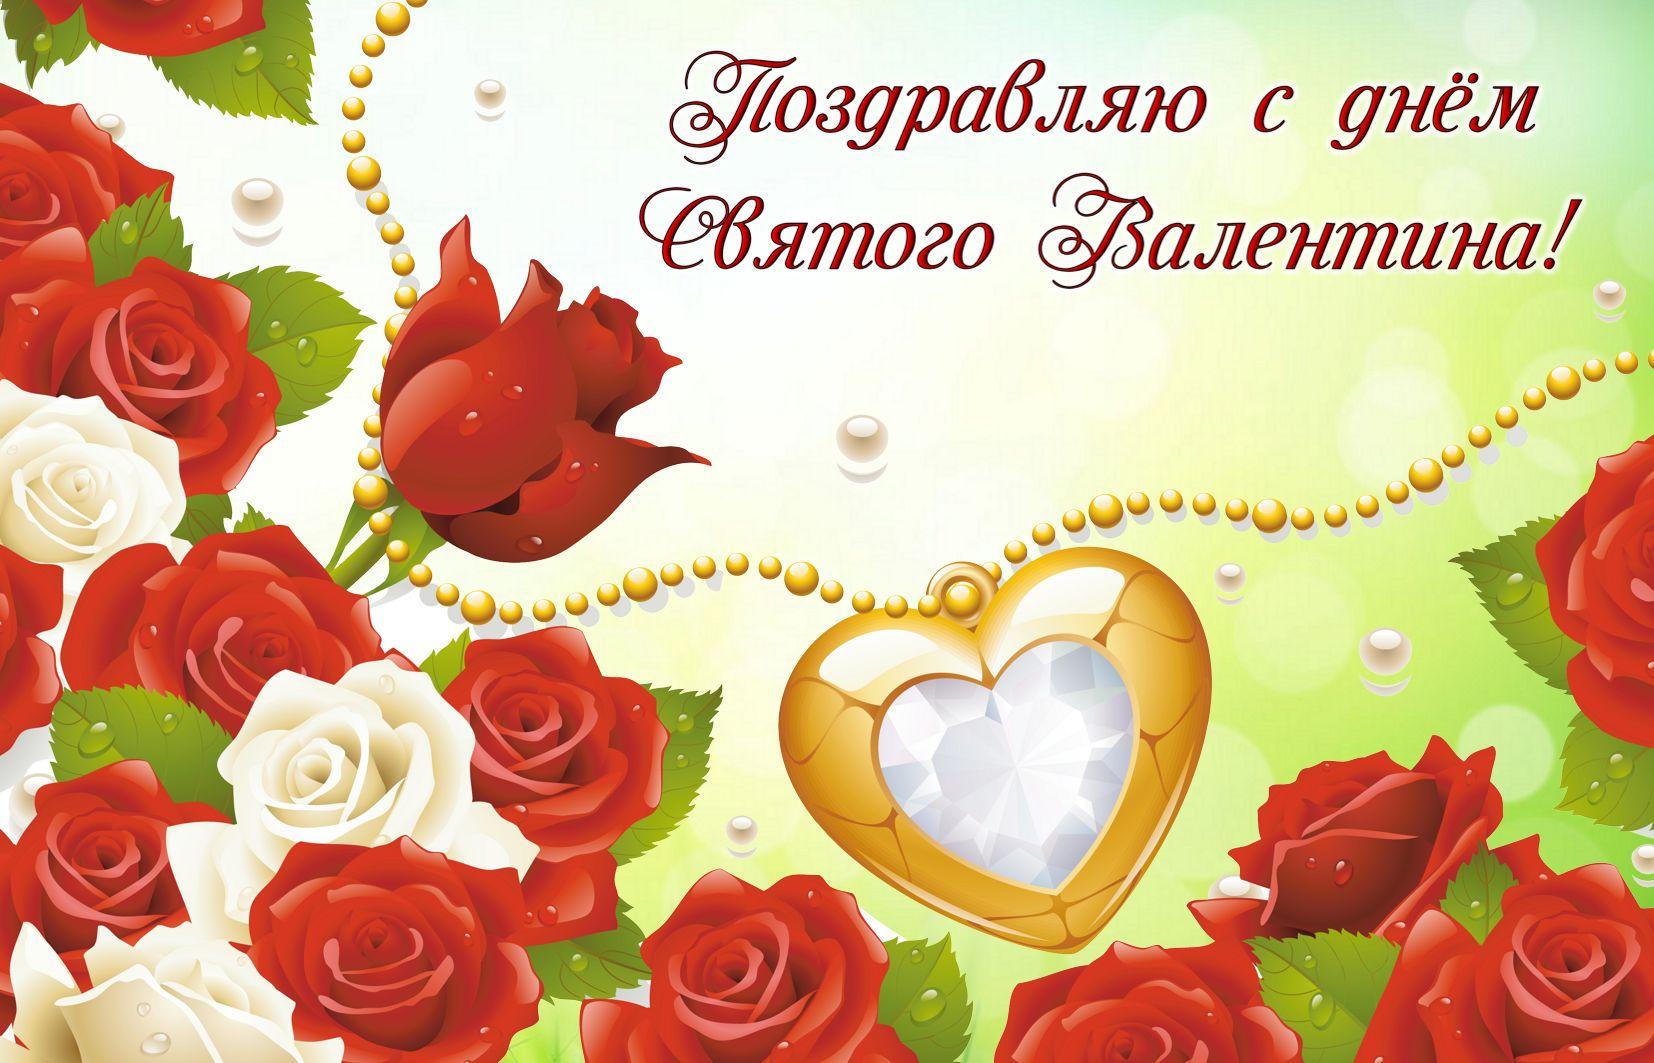 Поздравление на фоне красных роз